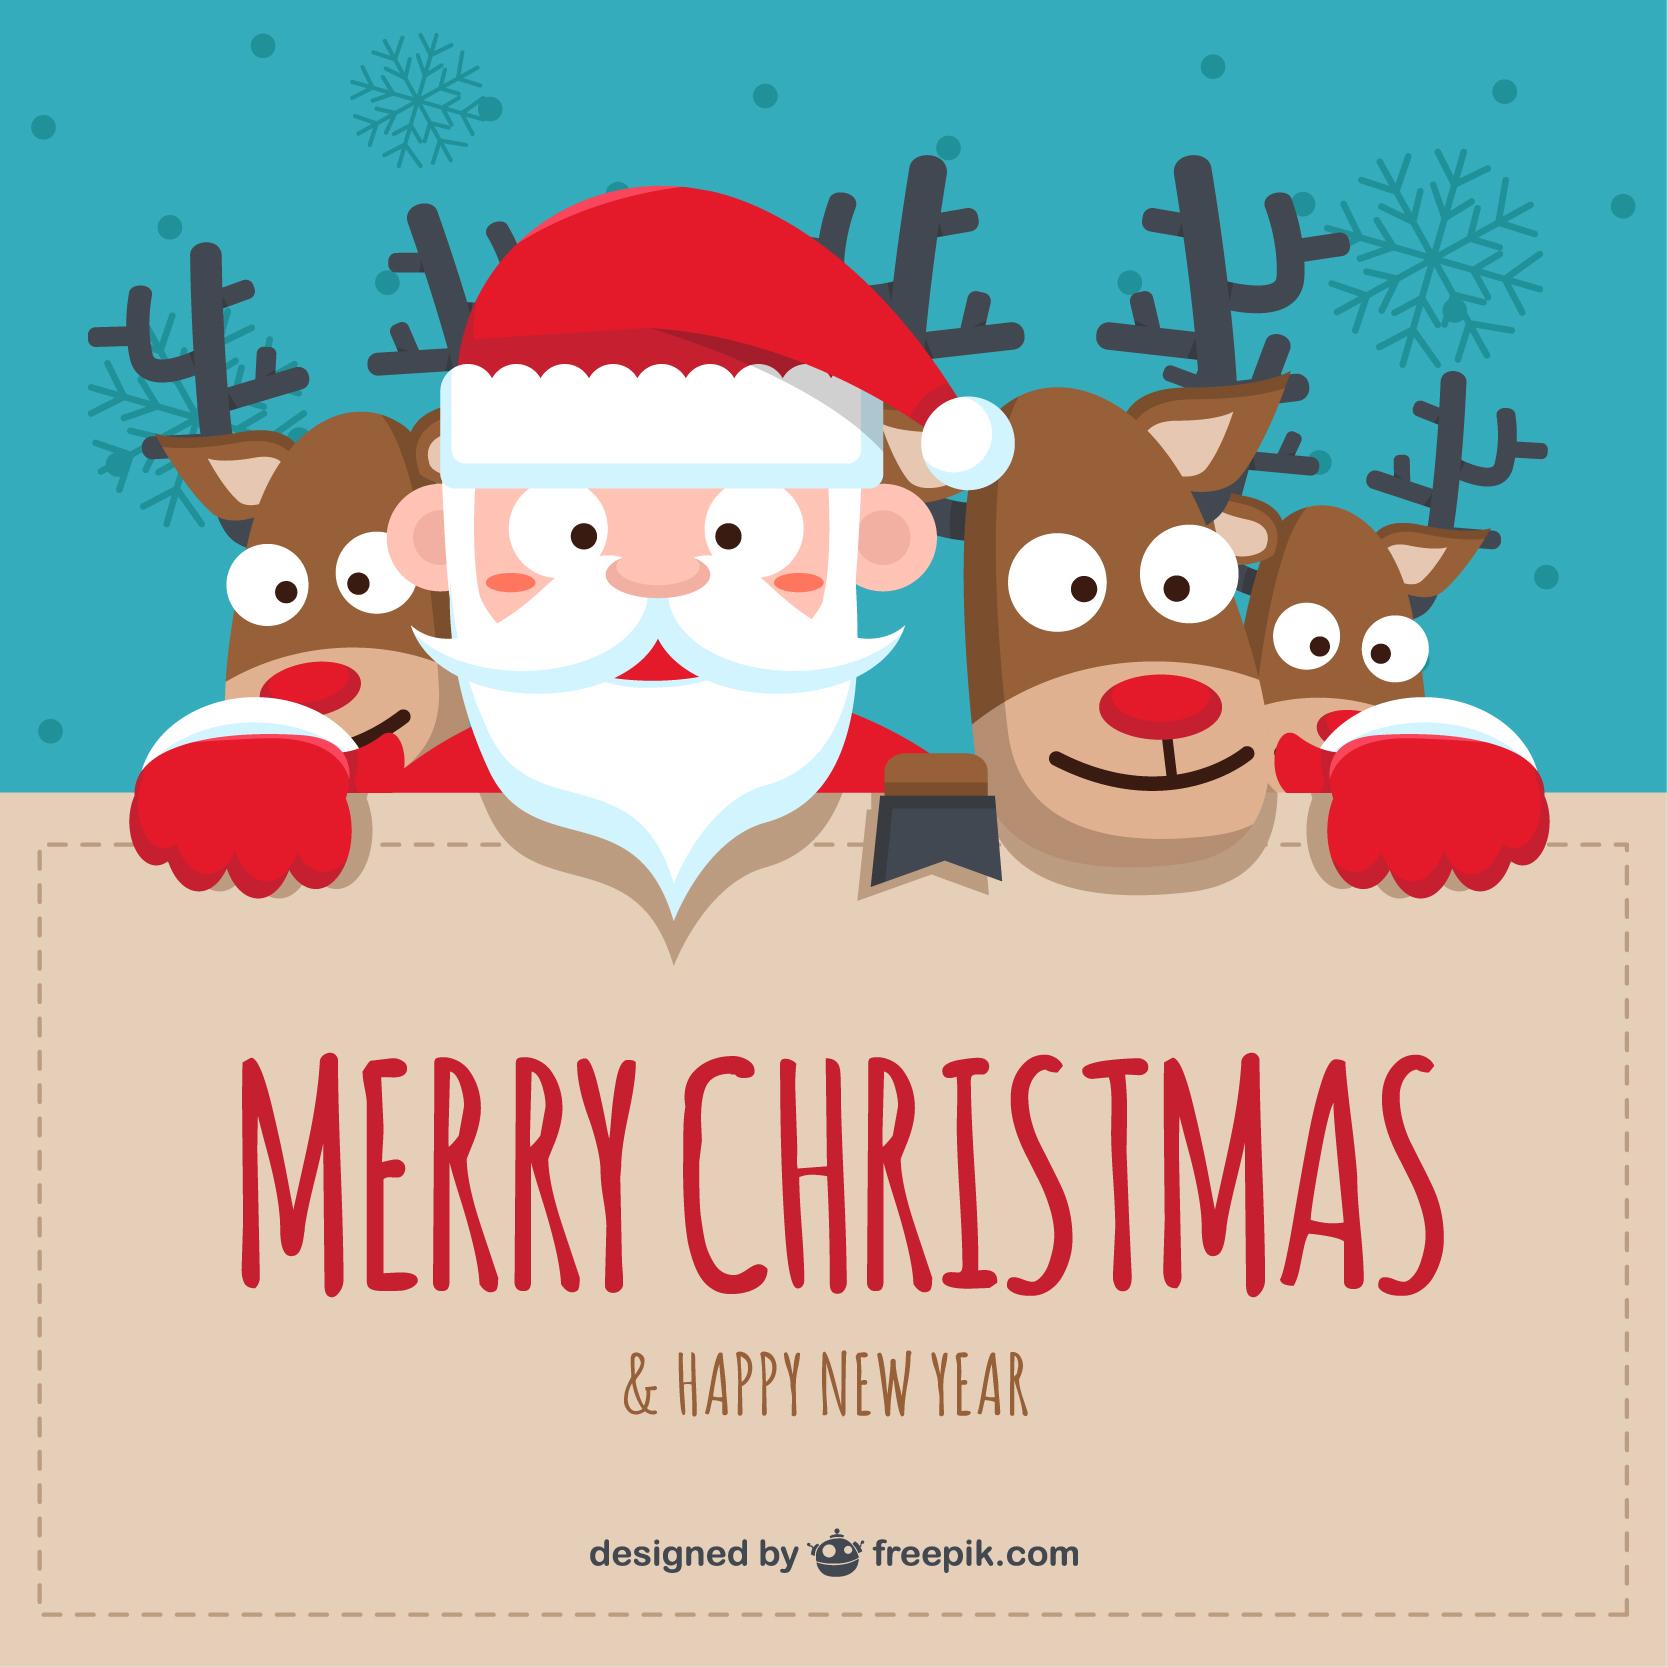 HOHOHO! Frohe Weihnachten. « irrsinn.de gmbh